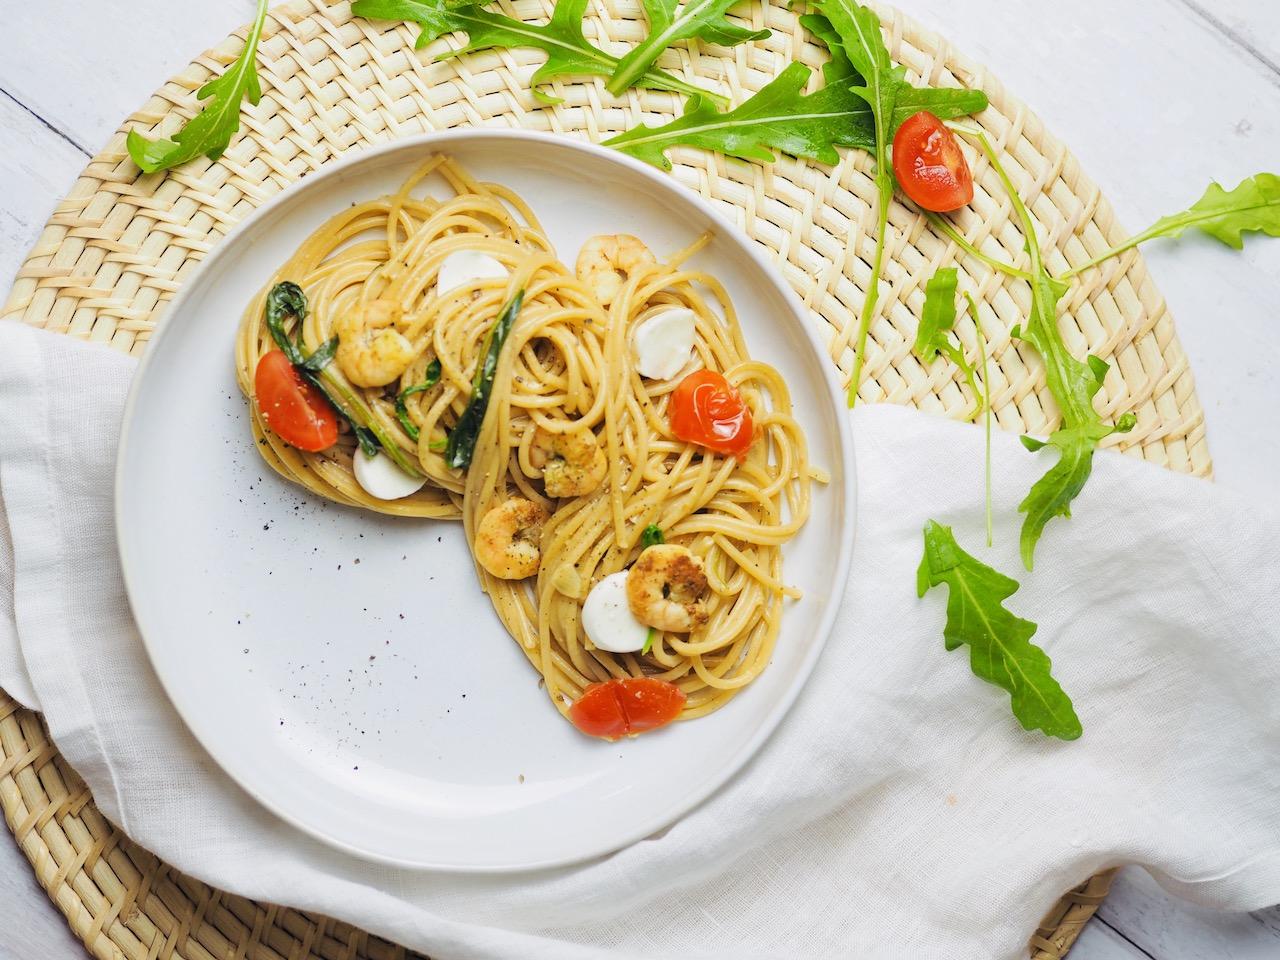 Spaghetti mit Kräuter-Scampi und Rucola